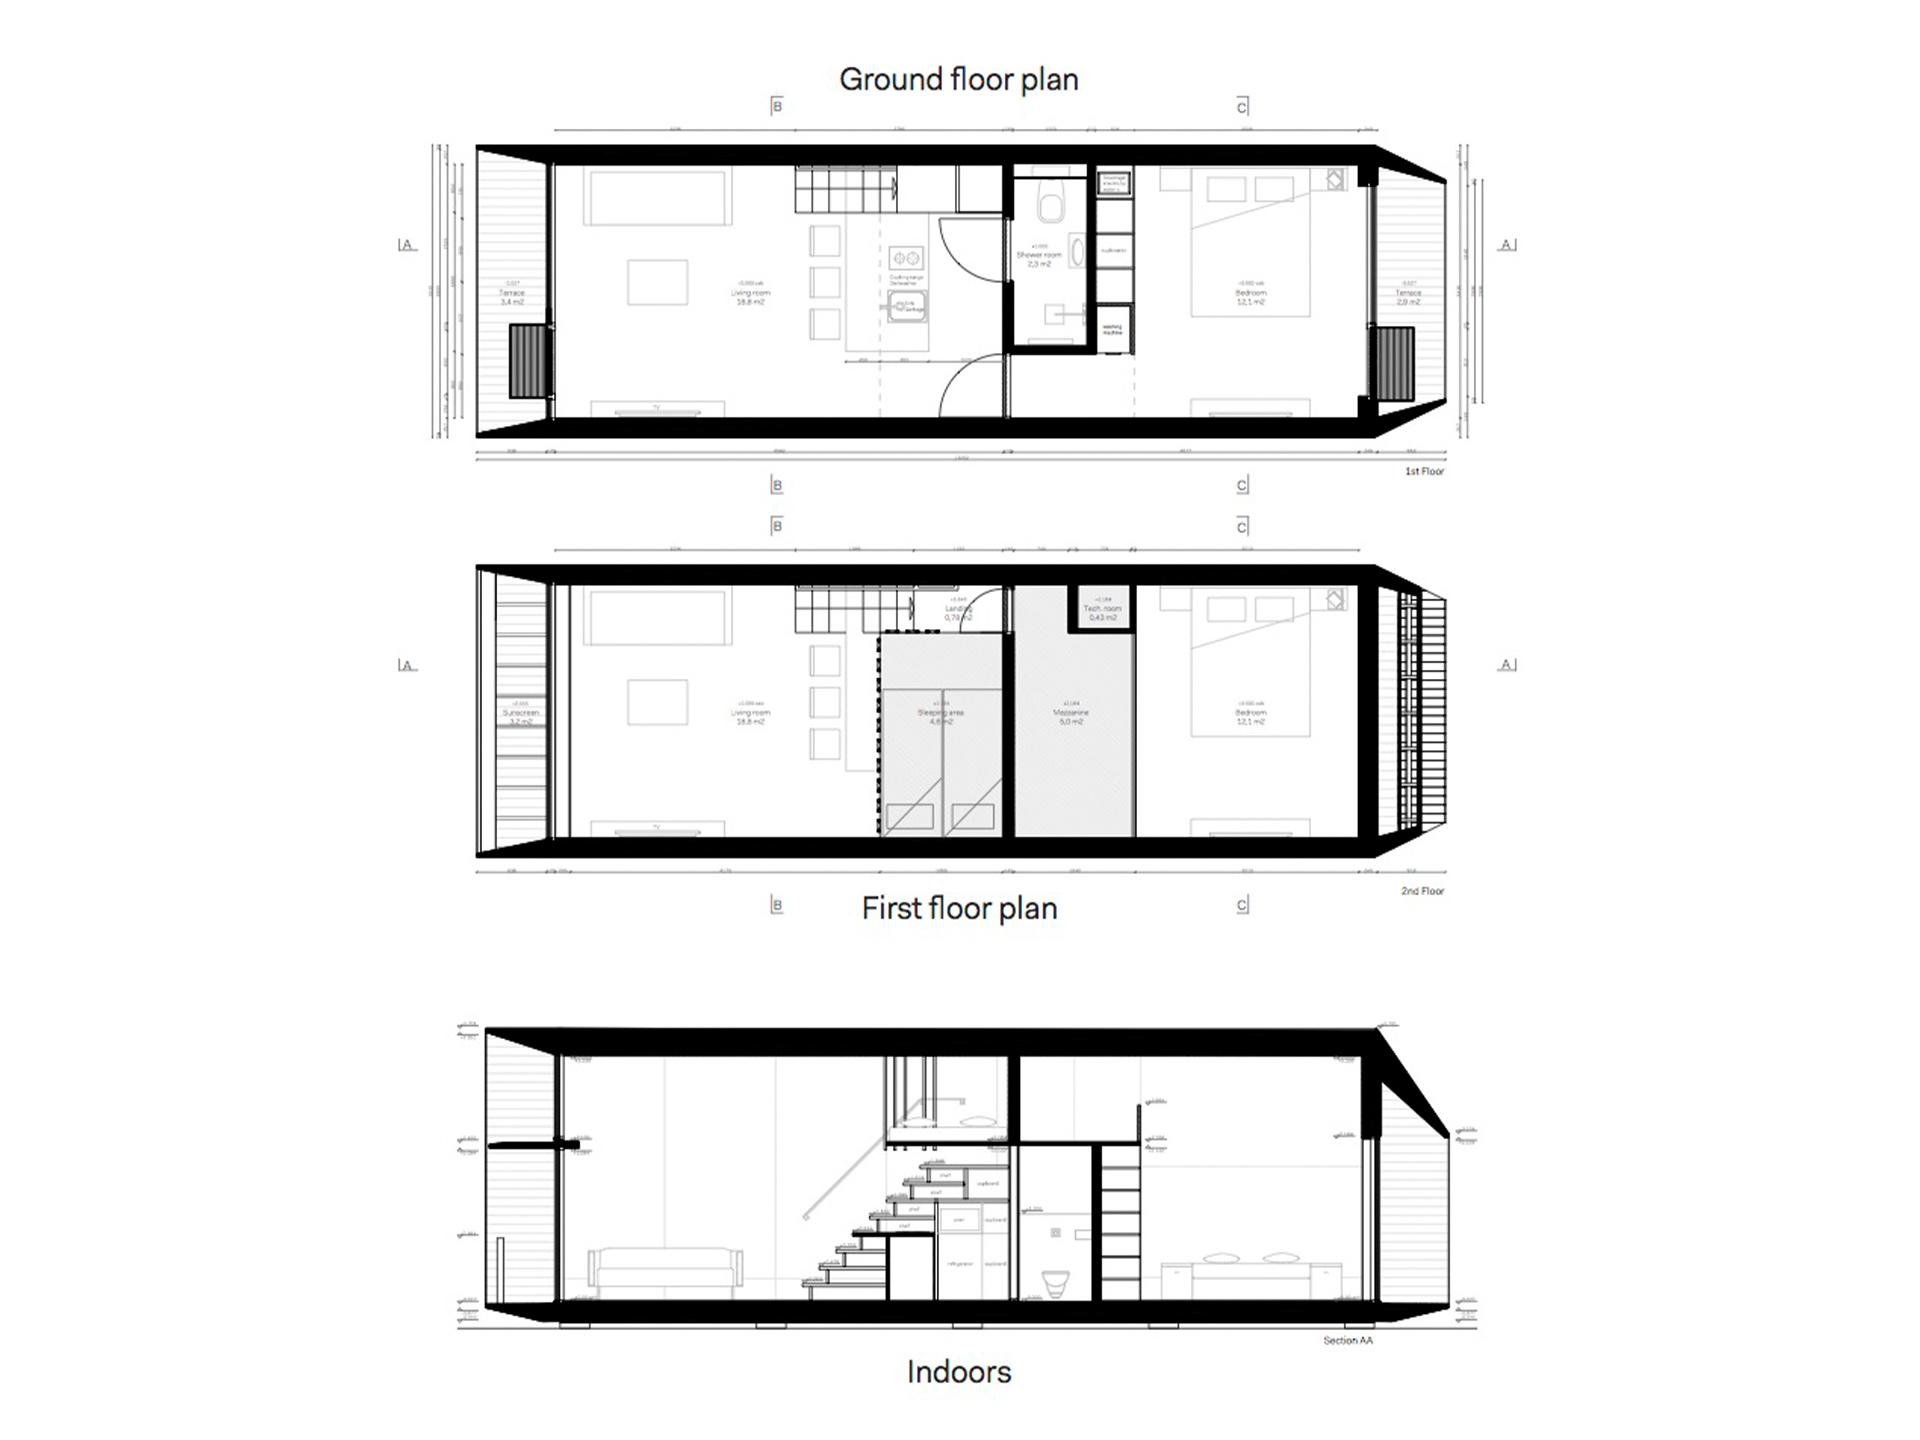 Koda floorplan 1